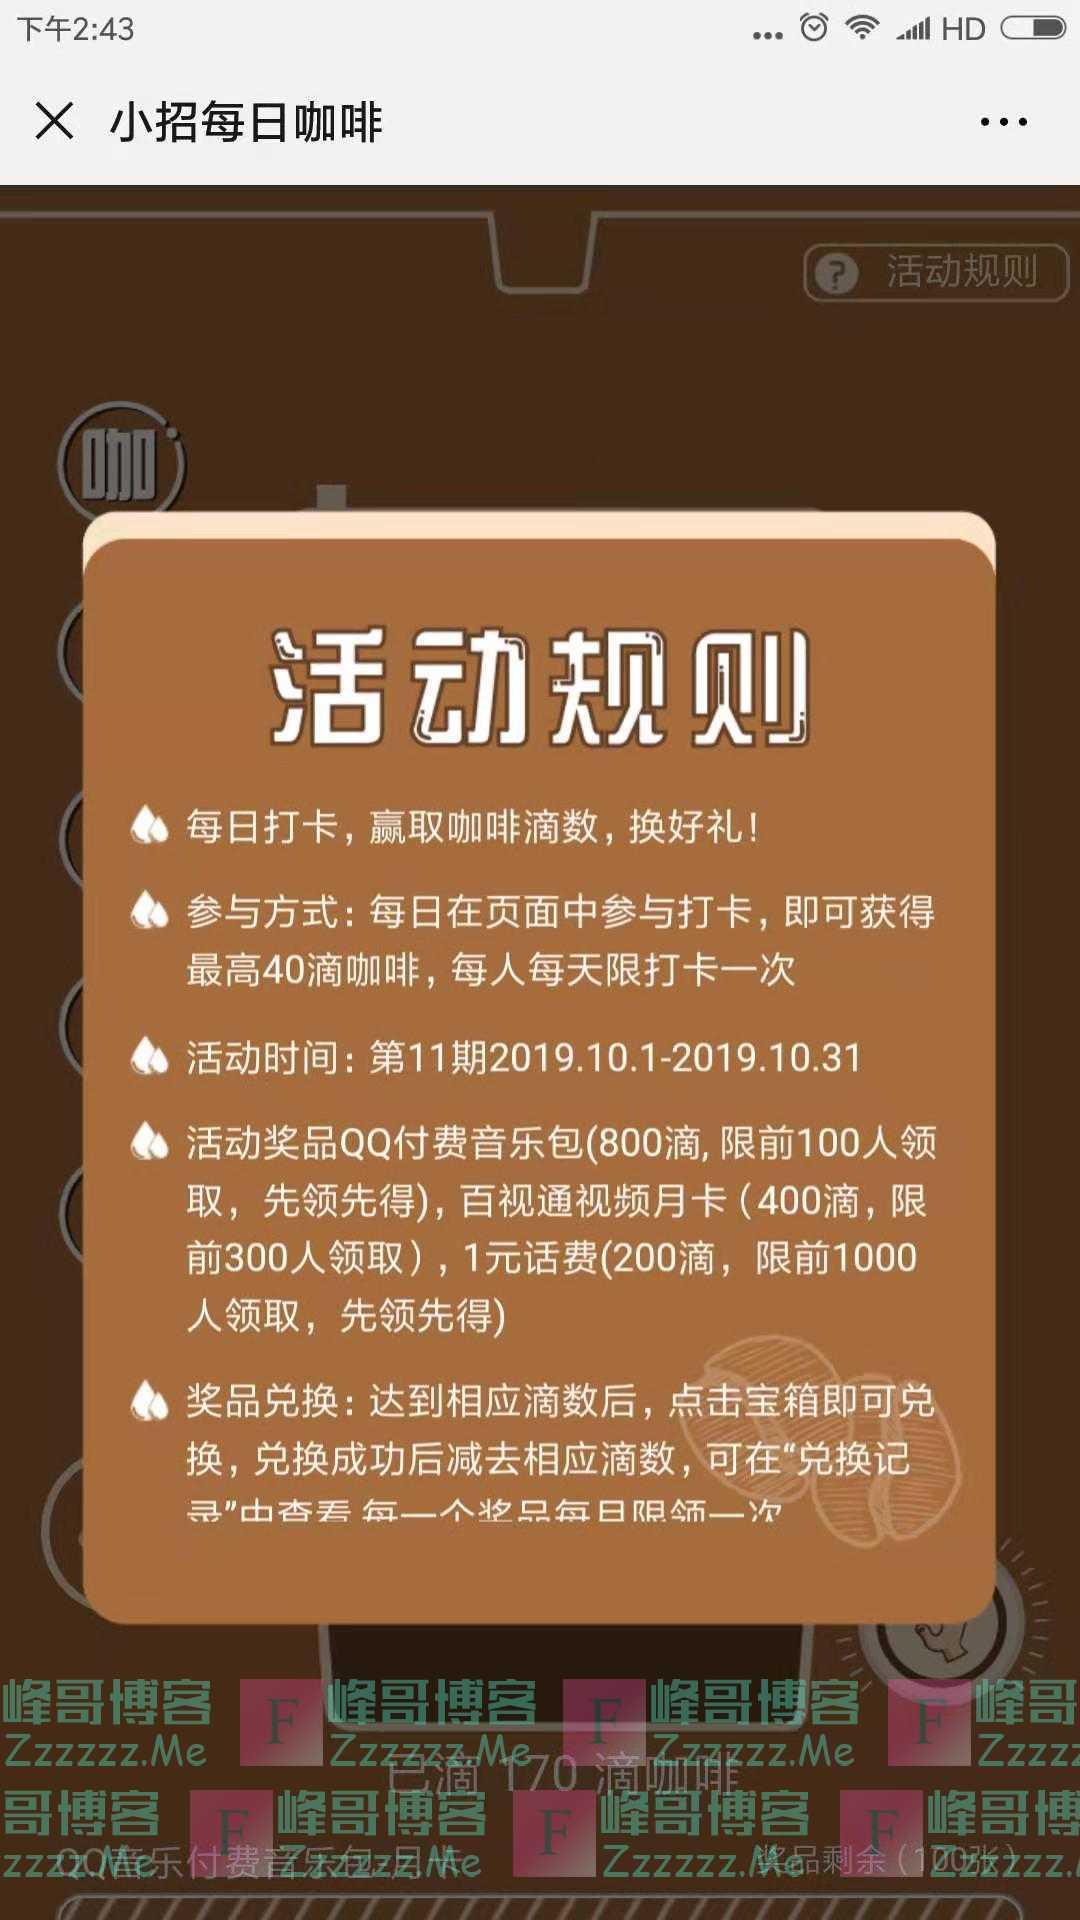 招行xing/用卡第11期小招每日咖啡(截止10月31日)